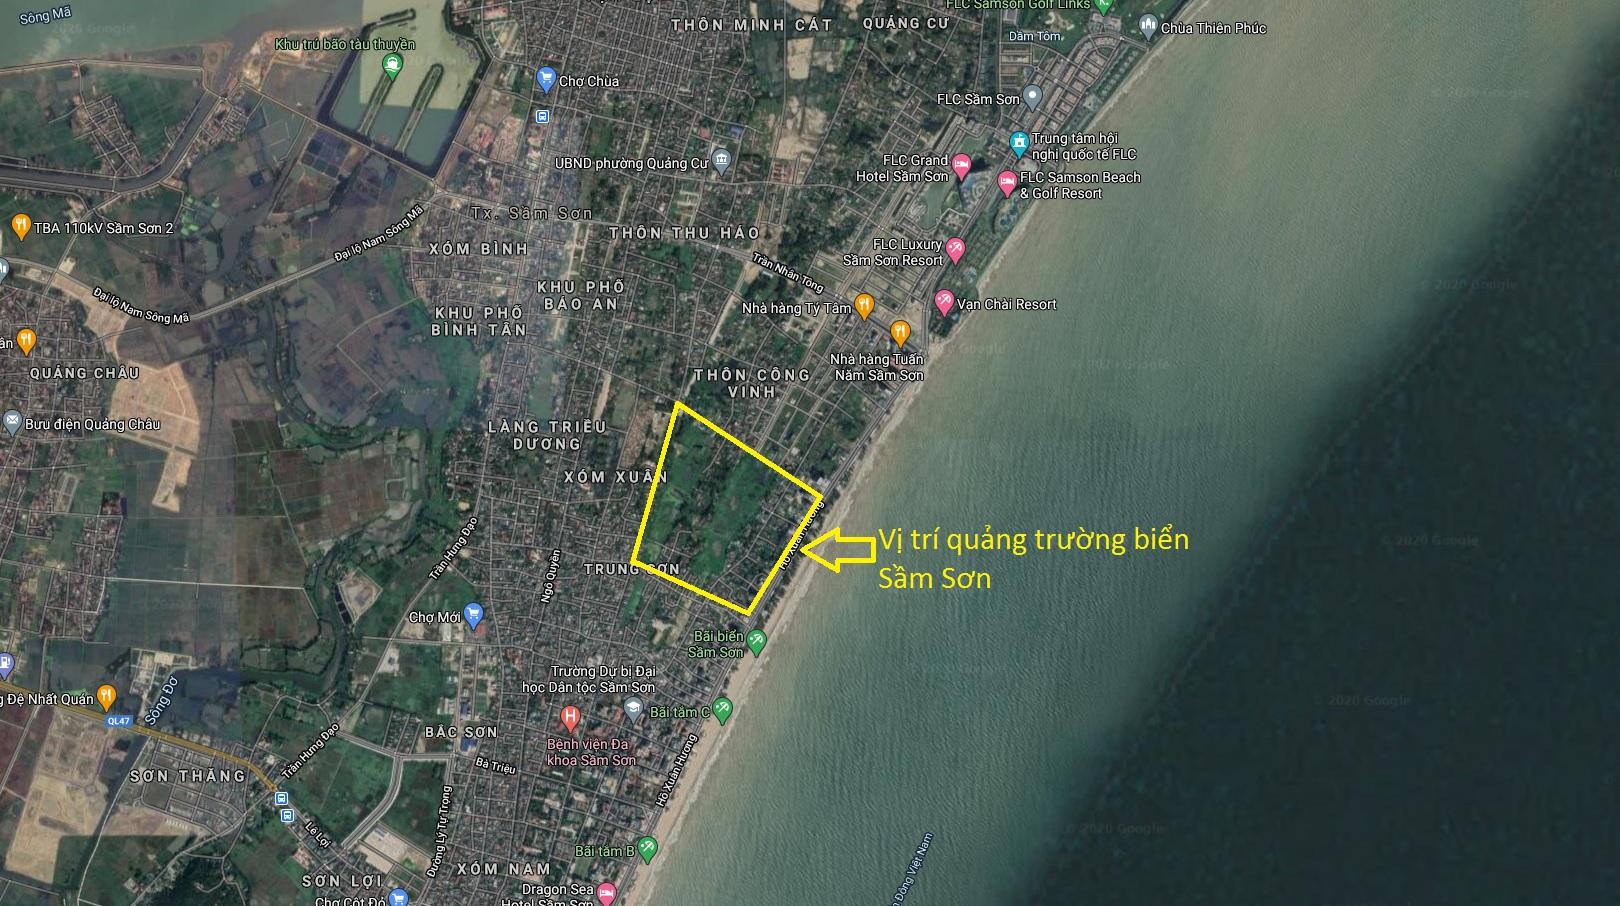 Vị trí quảng trường biển Sầm Sơn